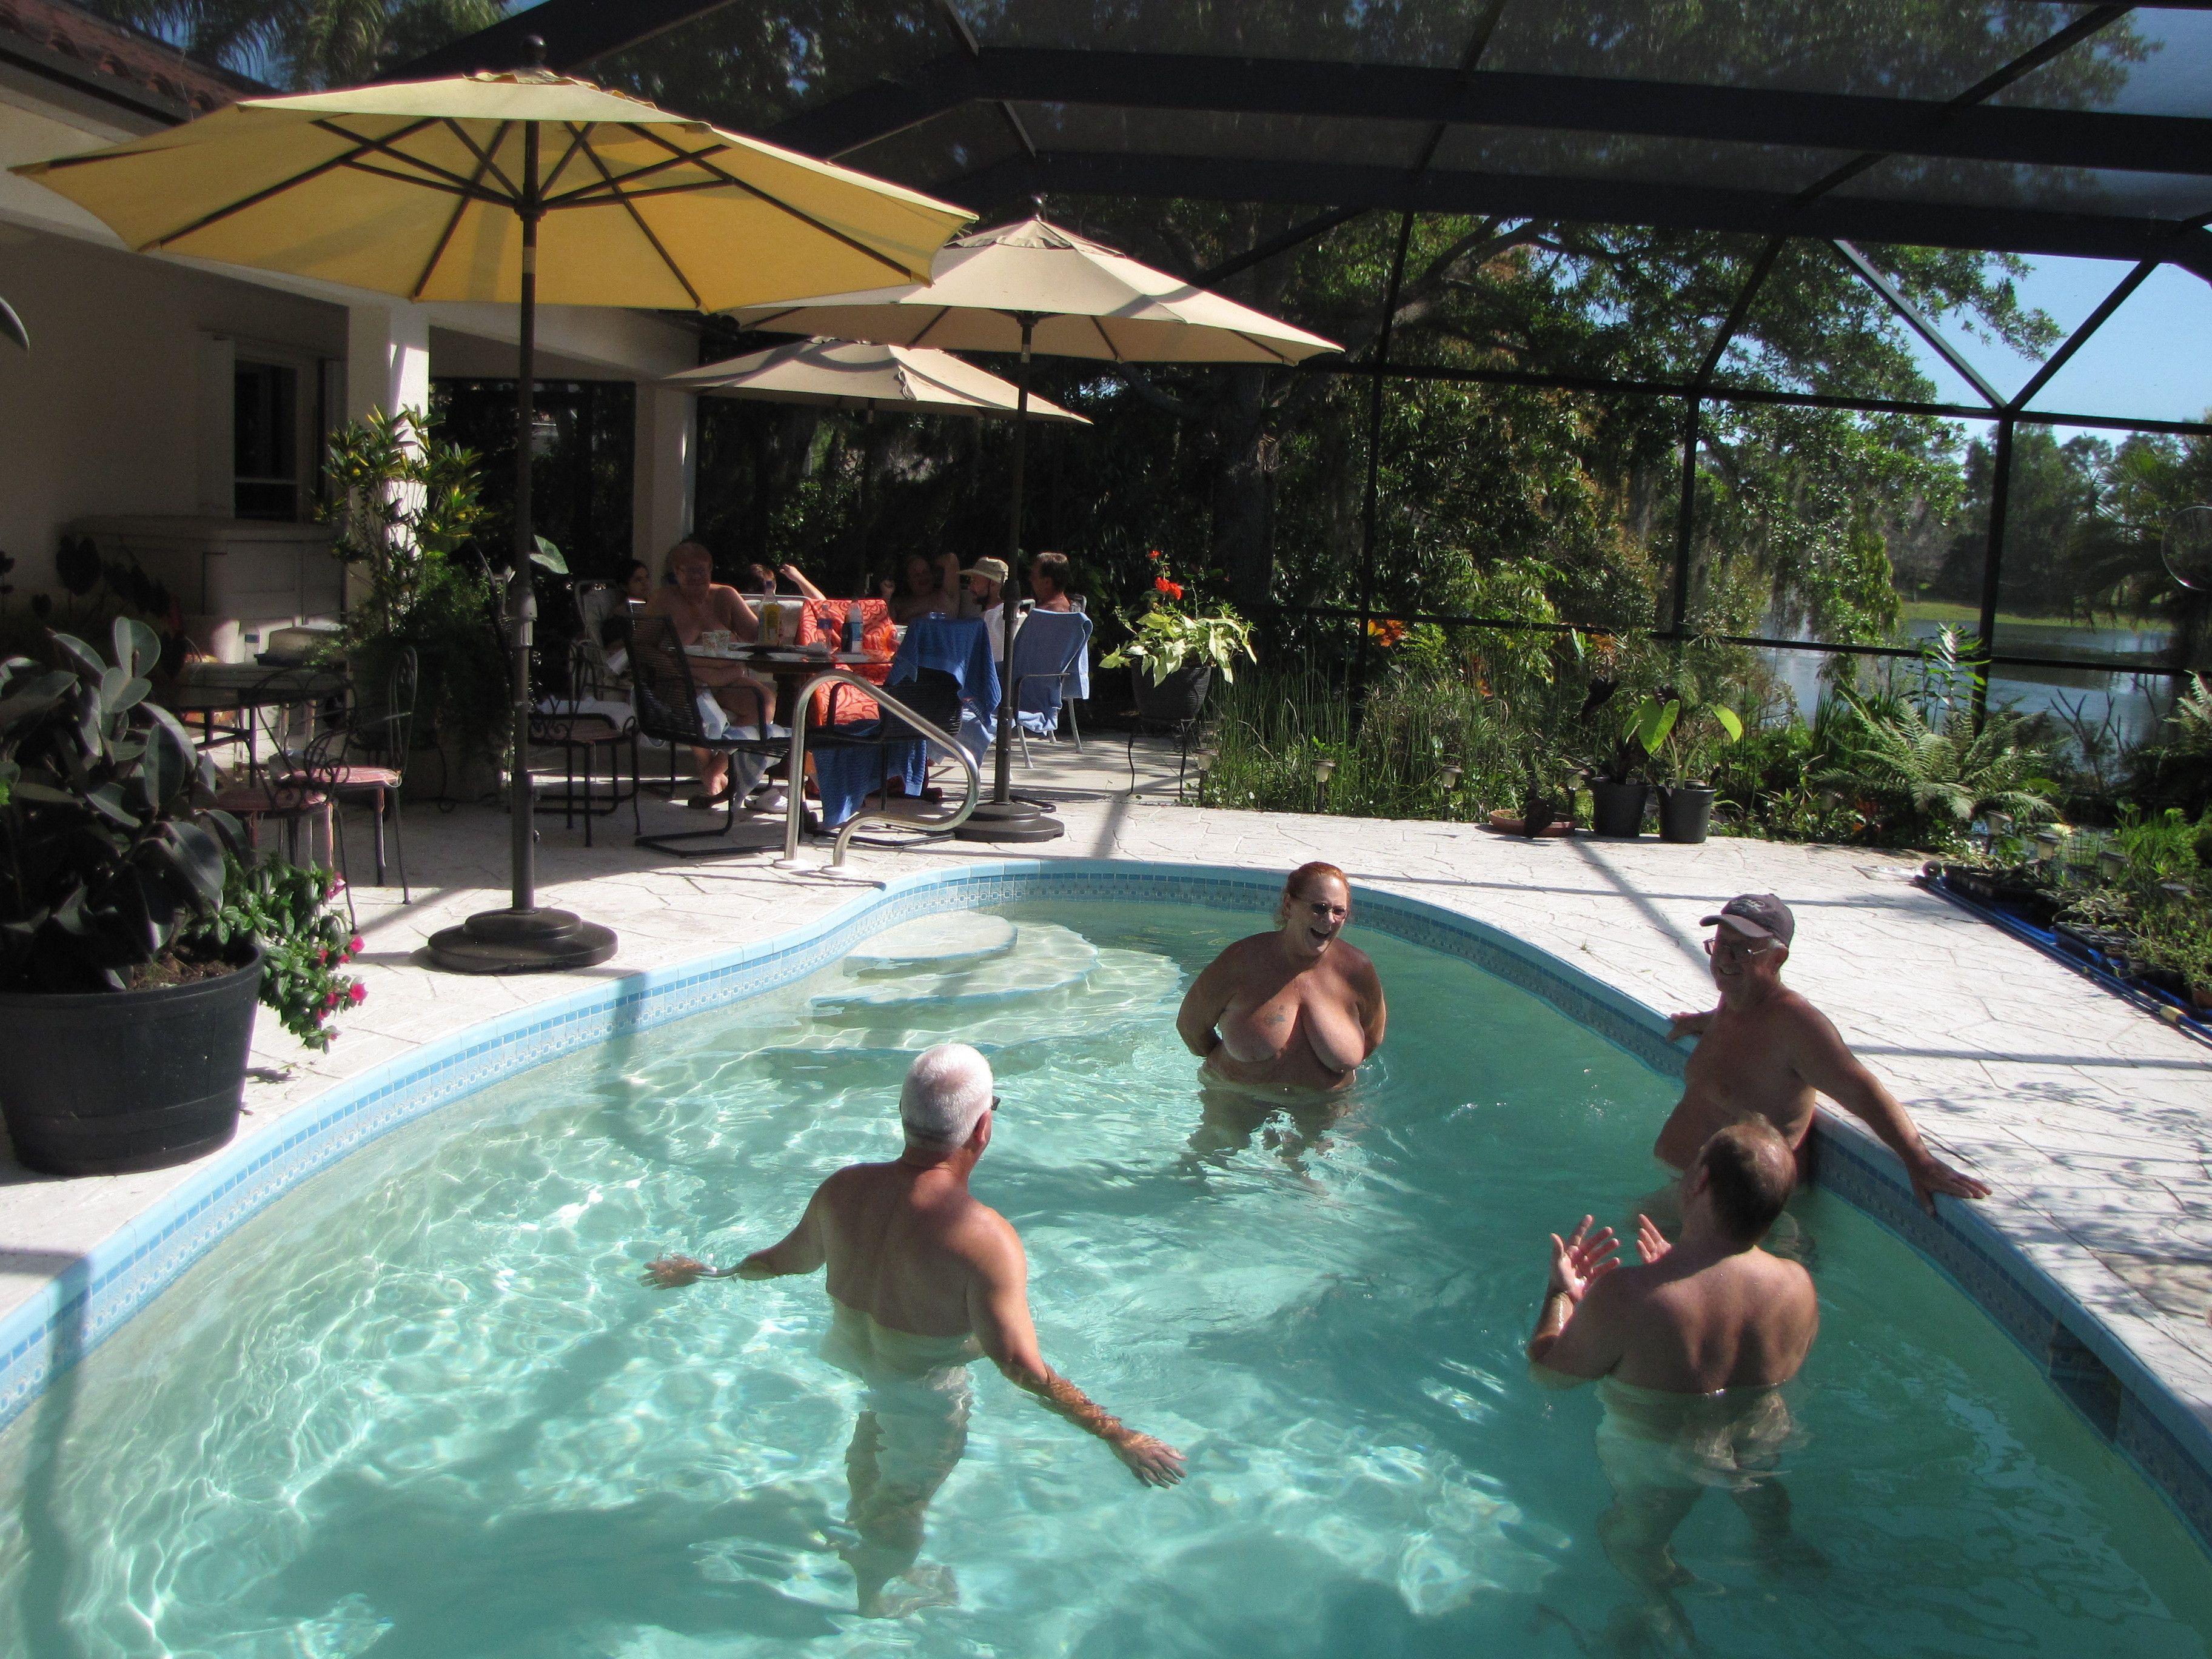 Bluebonnet nude resort not